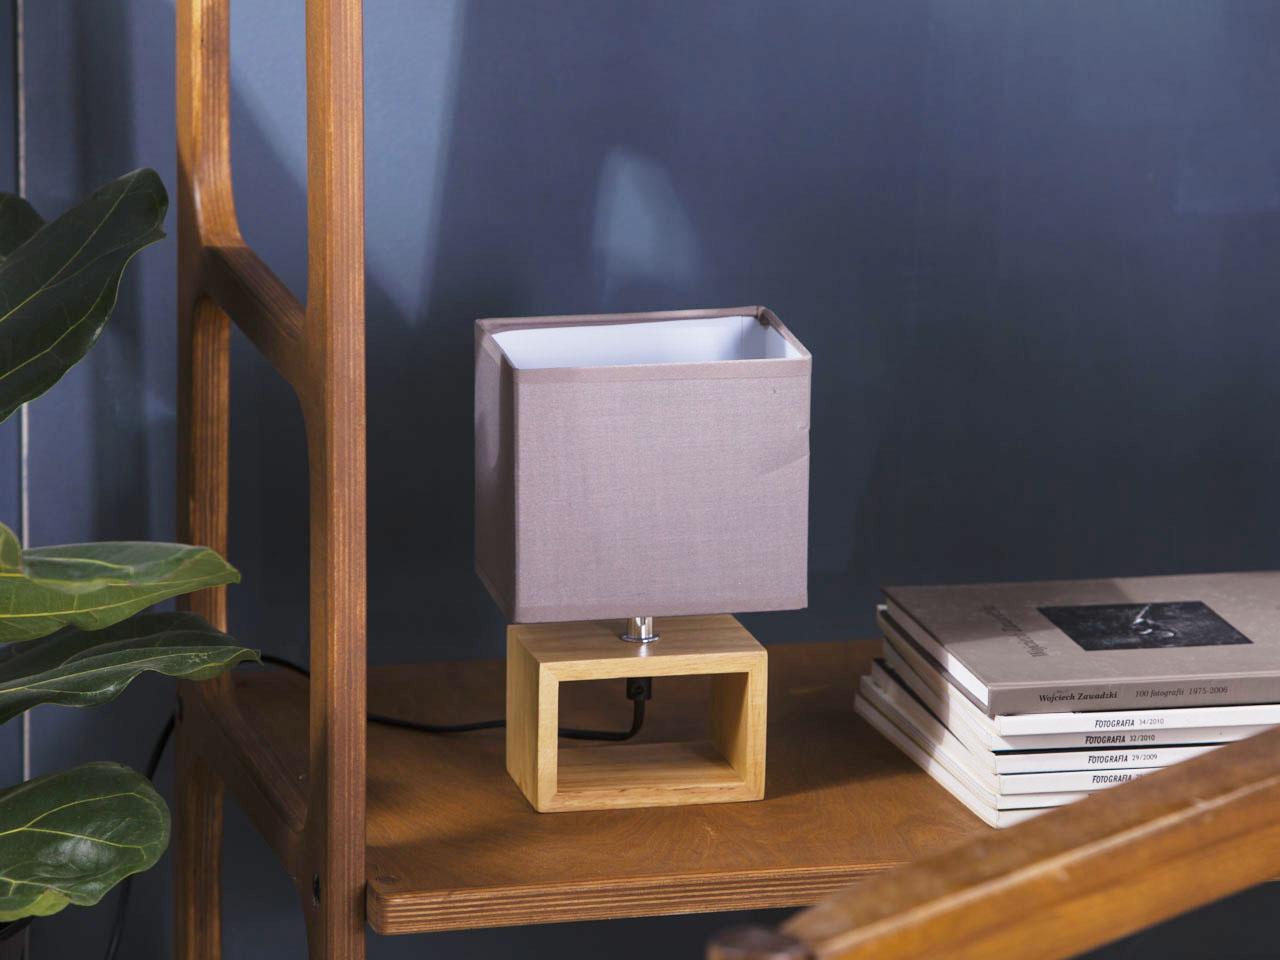 Lampa stołowa na podstawce drewnianej Altom Design 15x24 cm